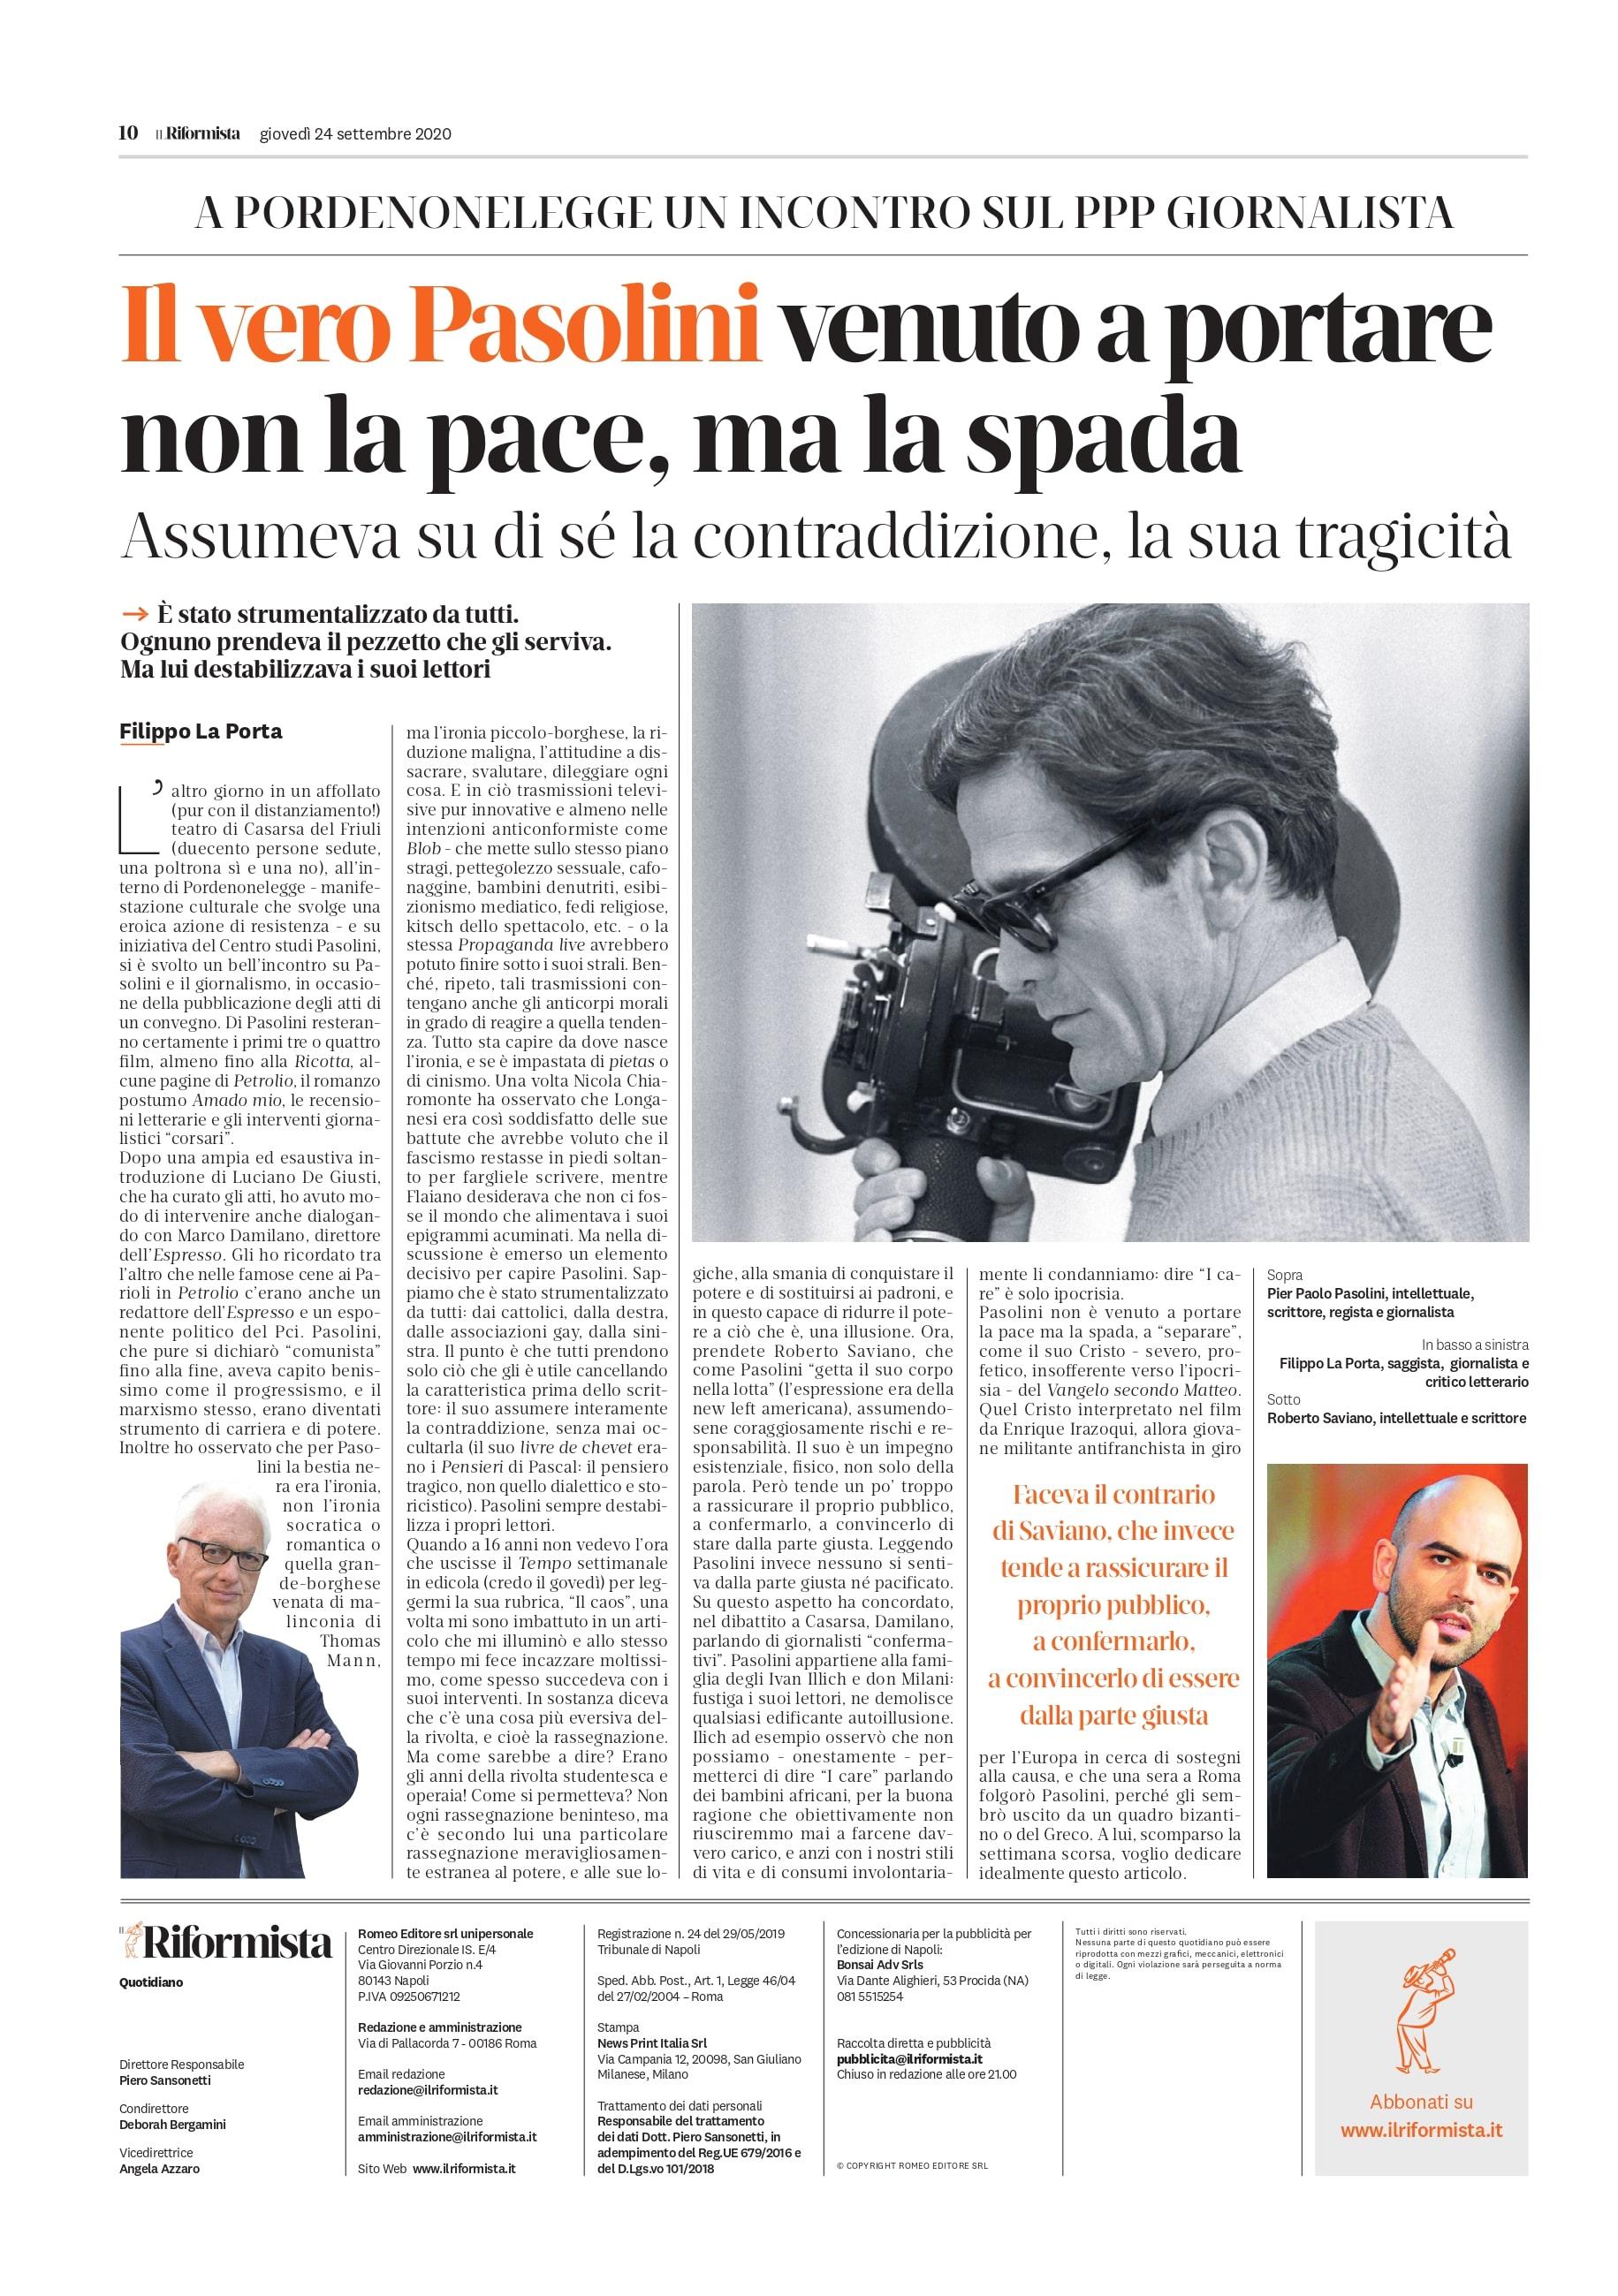 Il Riformista - Filippo La Porta (Pasolini e il giornalismo) 24-09-2020